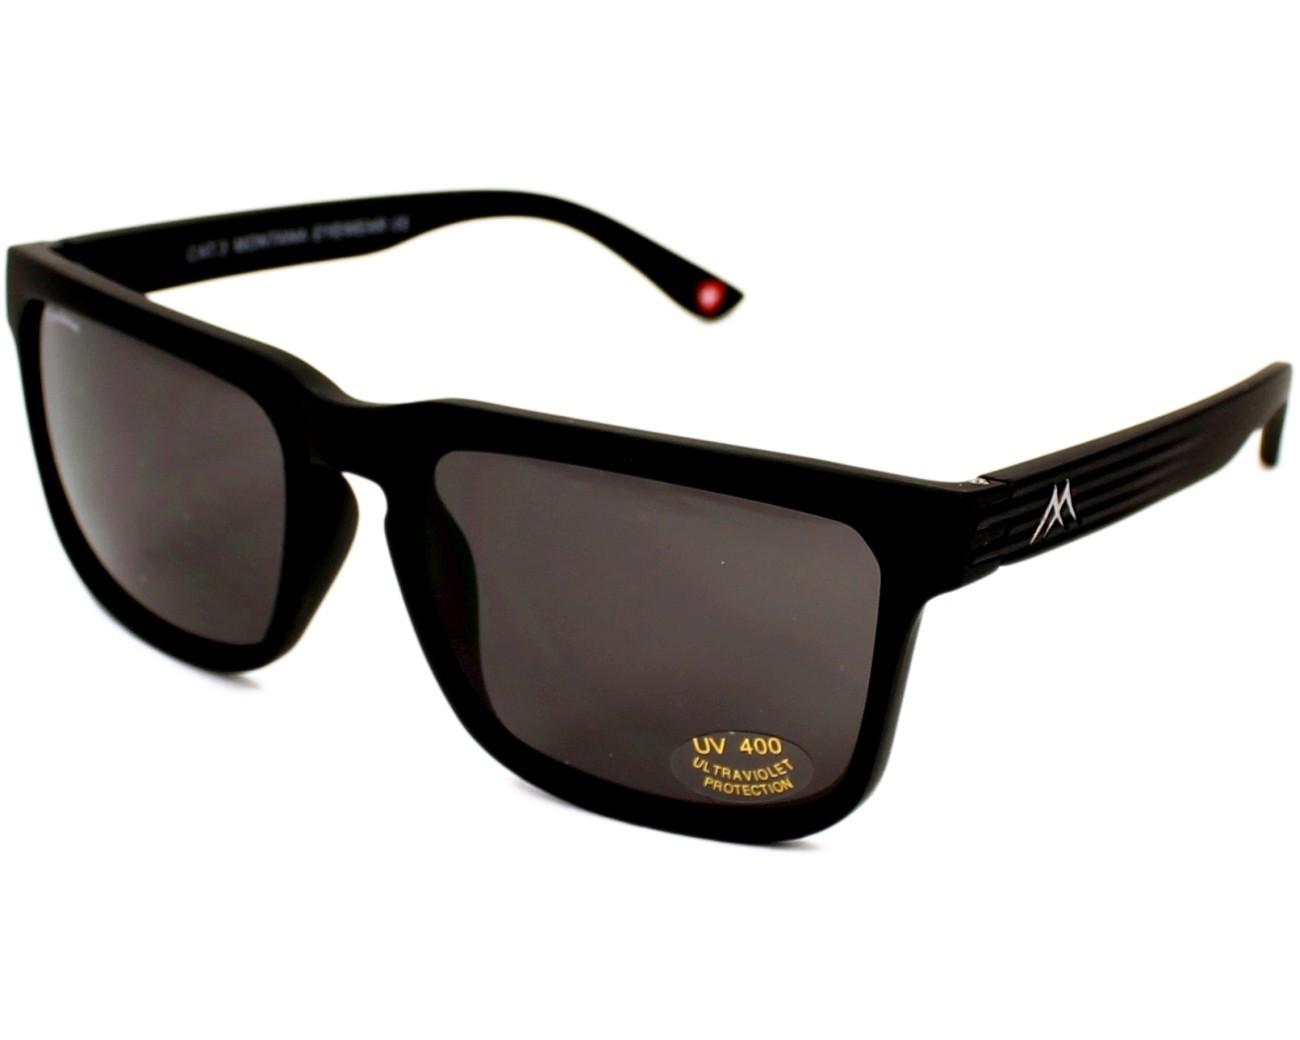 Montana Eyewear S26-Havanna SZ1NyX7tT